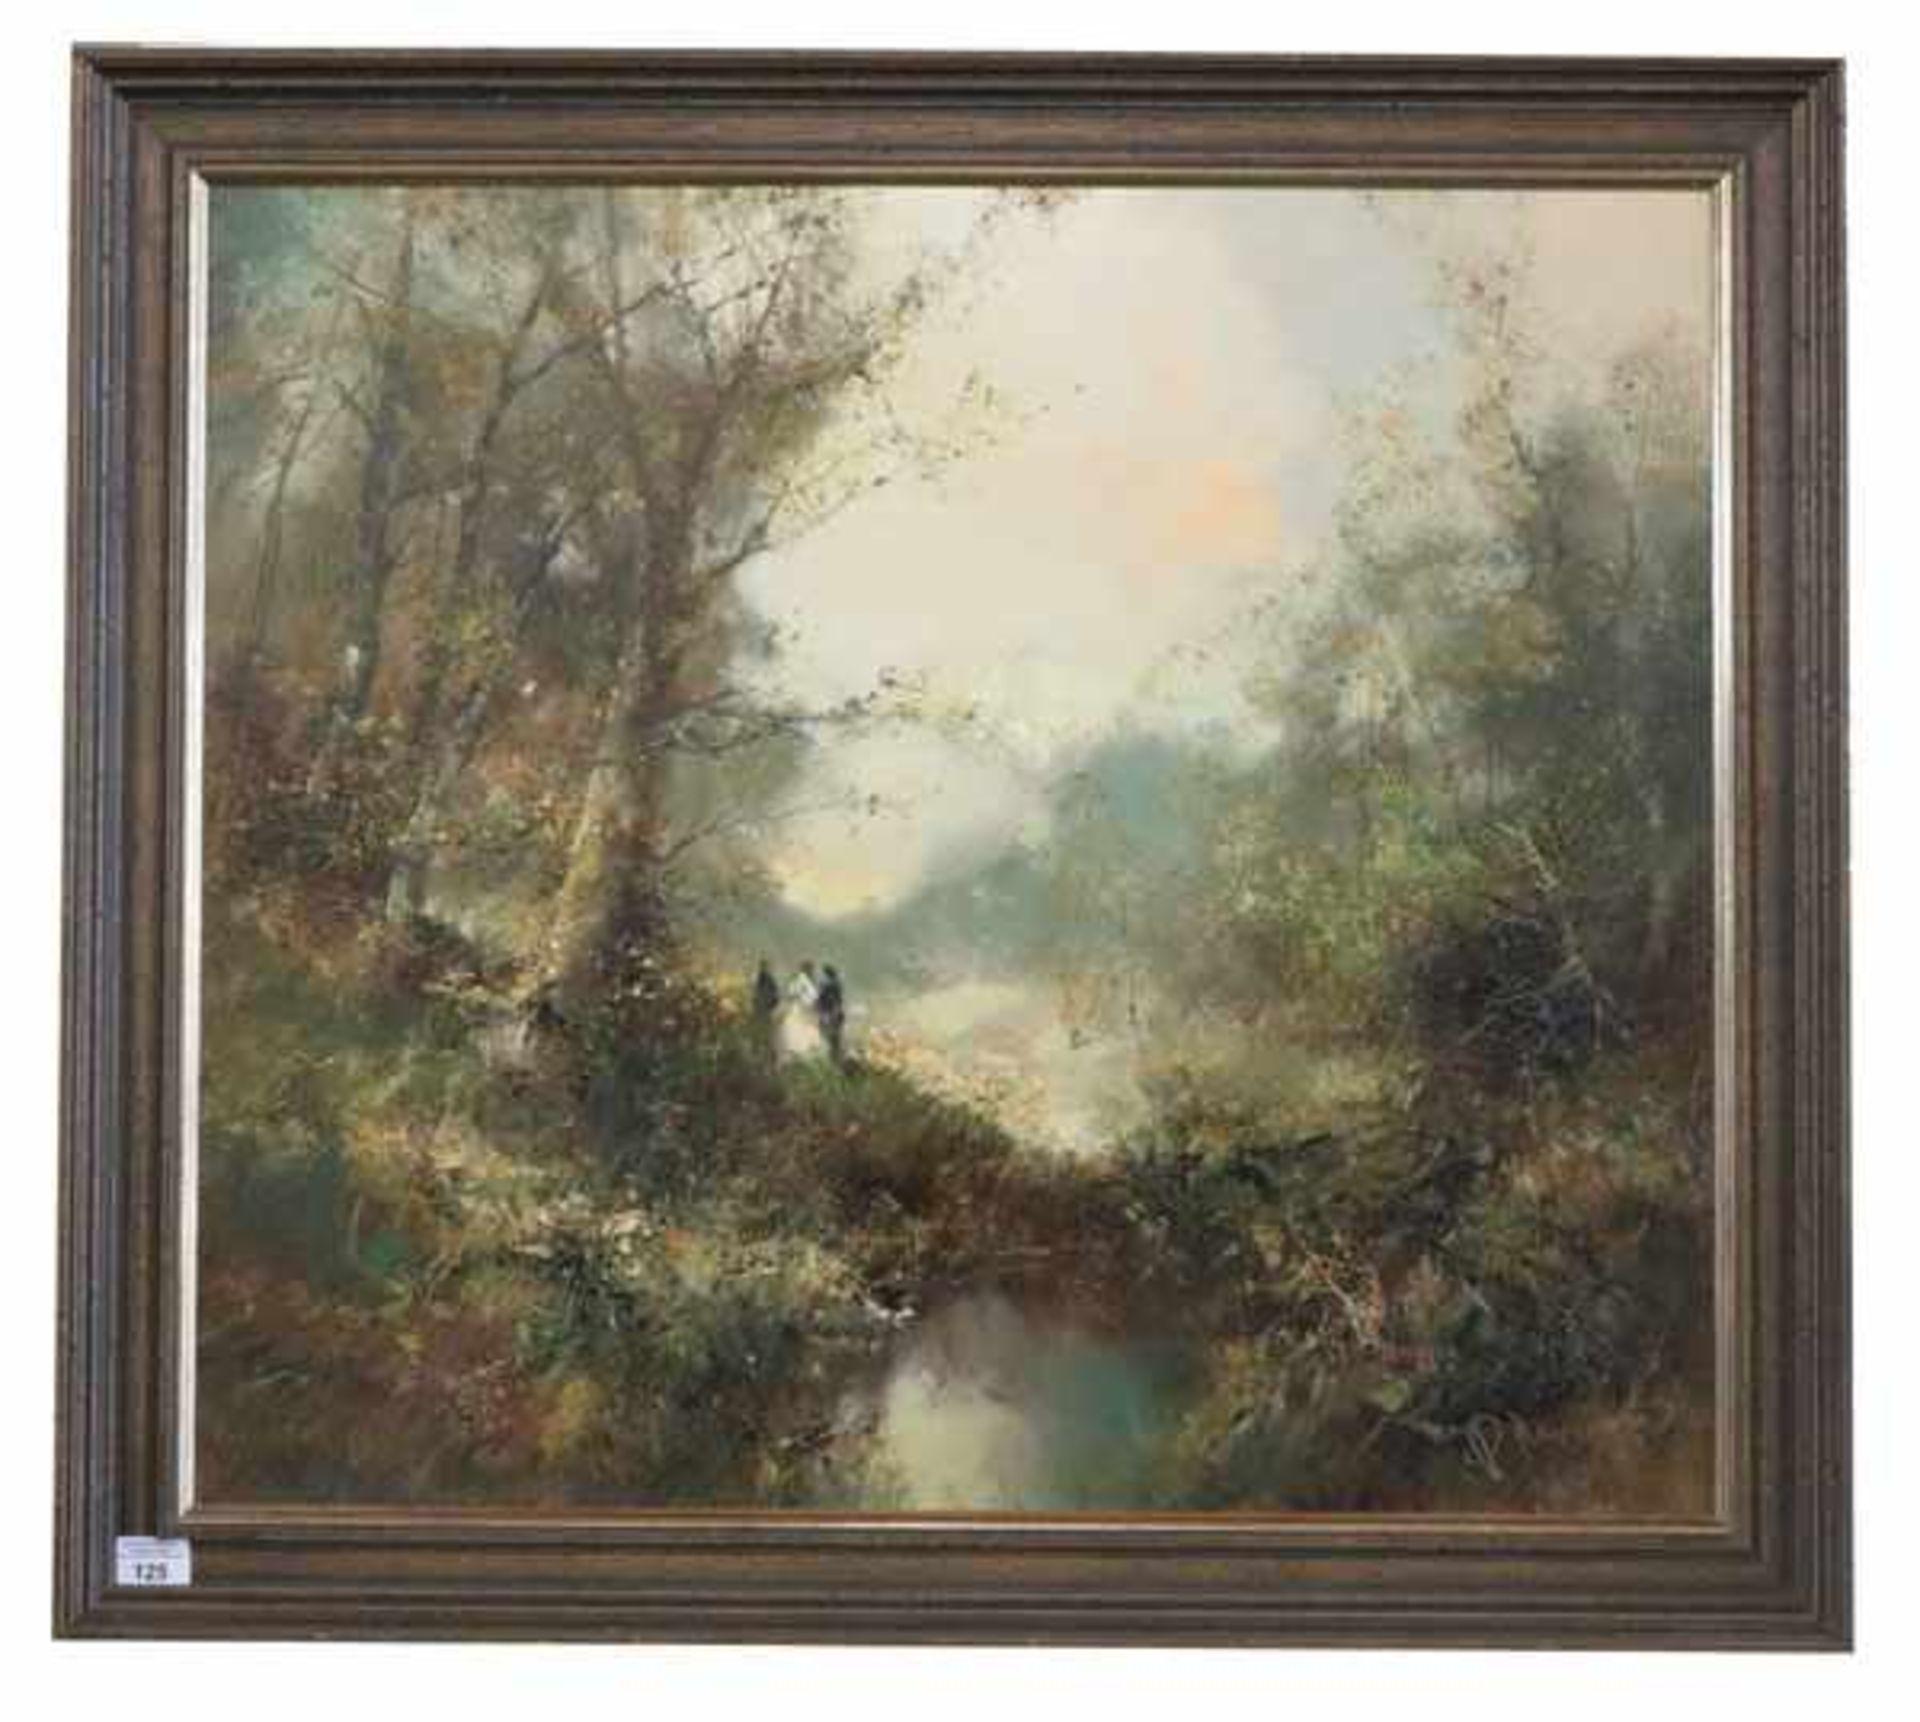 Los 125 - Gemälde ÖL/LW 'Landschafts-Szenerie', signiert P. Morrò, (Ingfried Henze), * 1925 Leipzig + 2013,